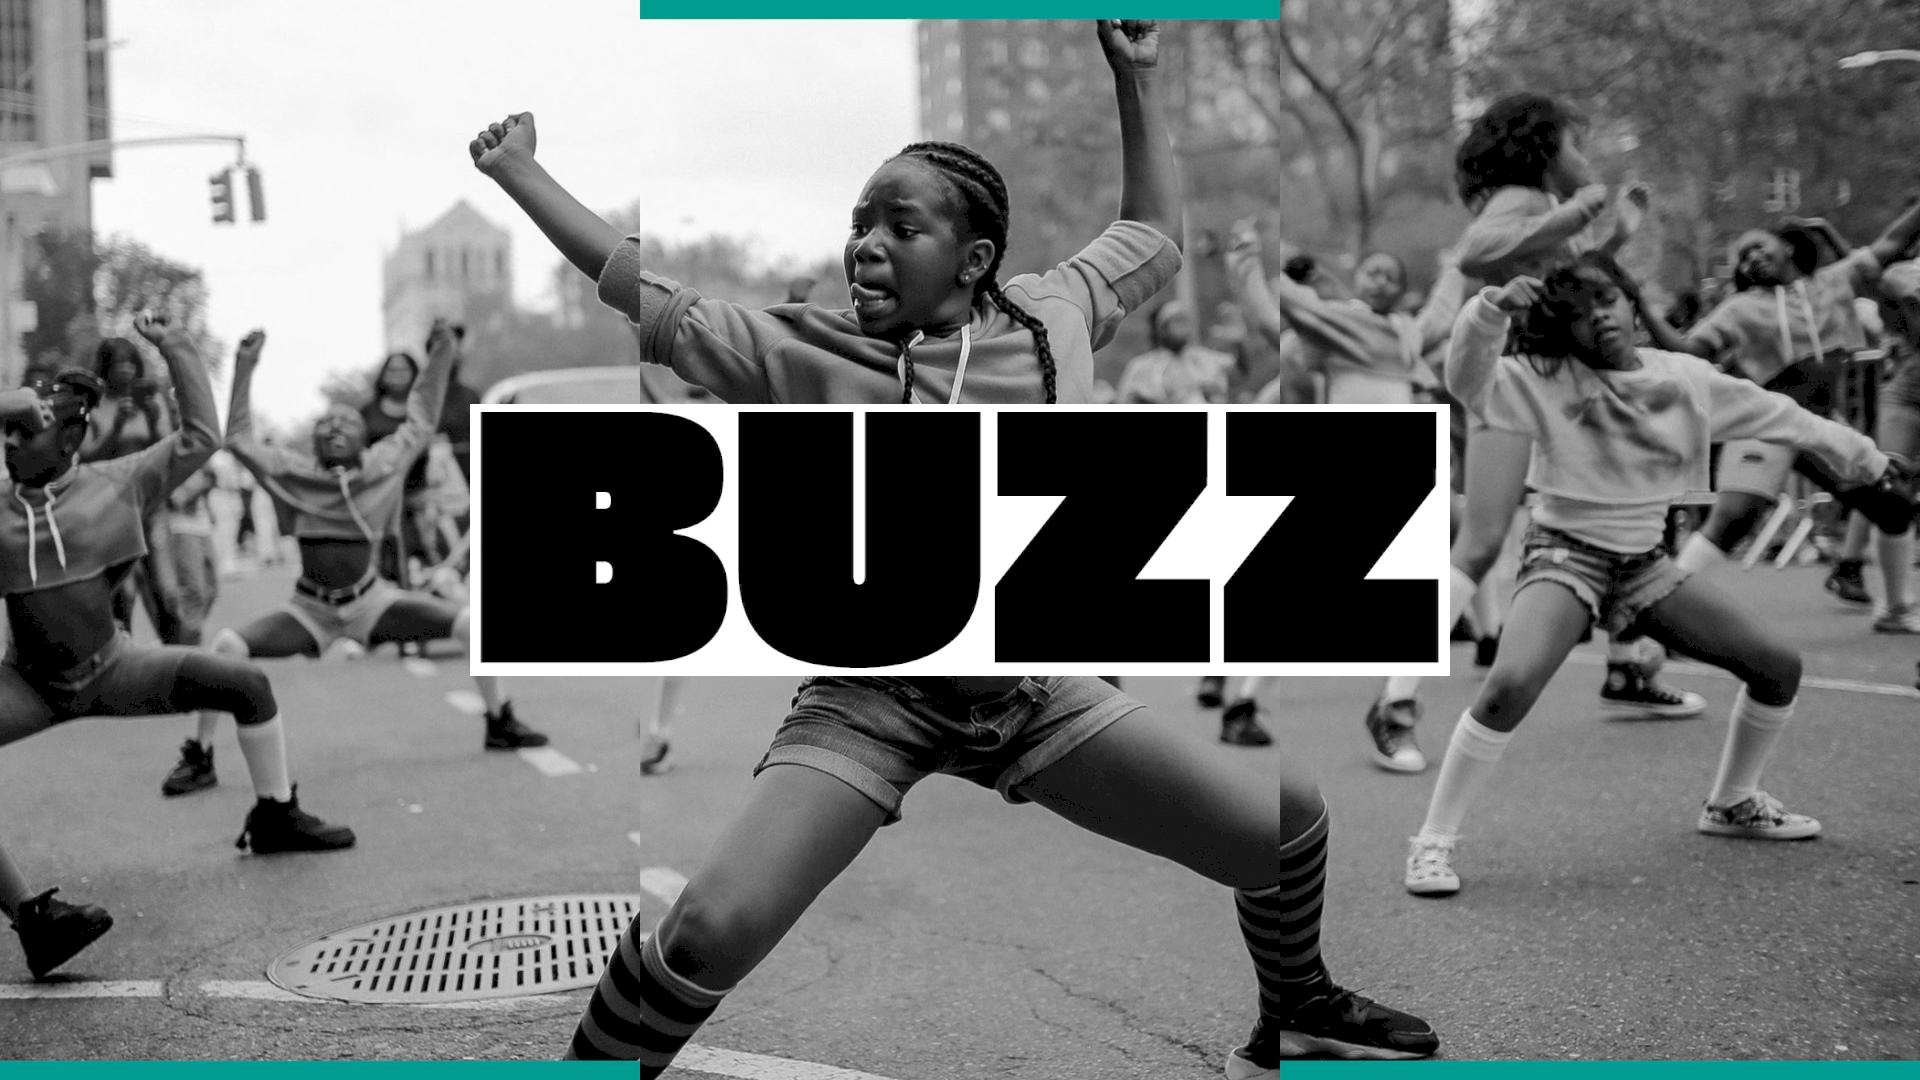 Buzz_003